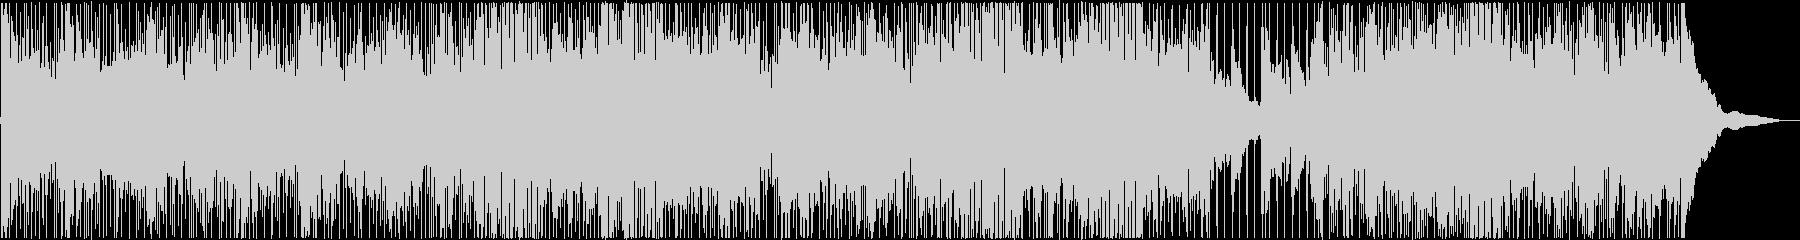 夏をイメージしたBGM(アコギ生演奏)の未再生の波形